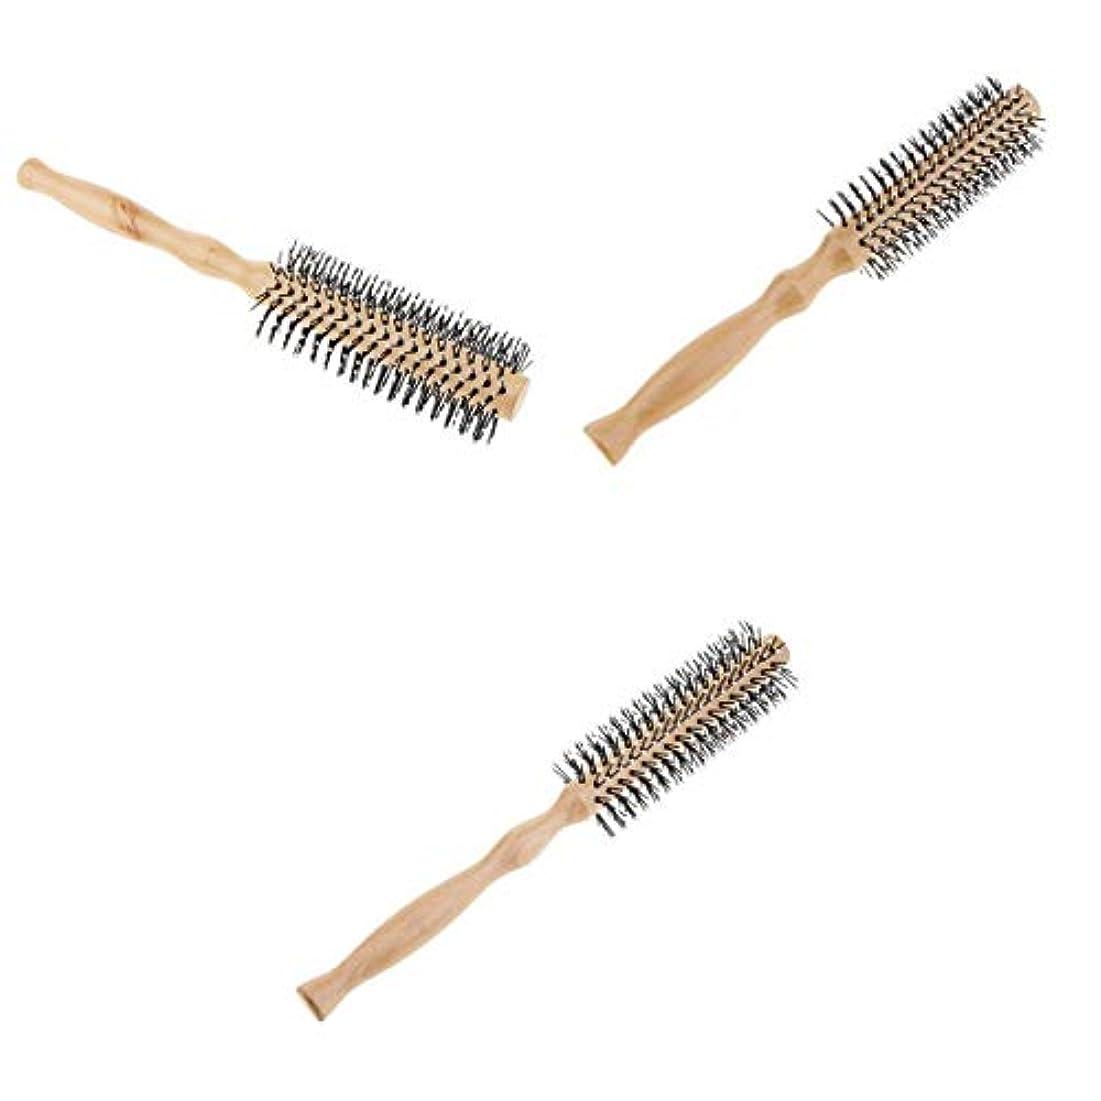 おじさんリクルート多様なT TOOYFUL ロールブラシ ヘアブラシ 木製櫛 スタイリングブラシ 巻き髪 静電気防止 3本セット